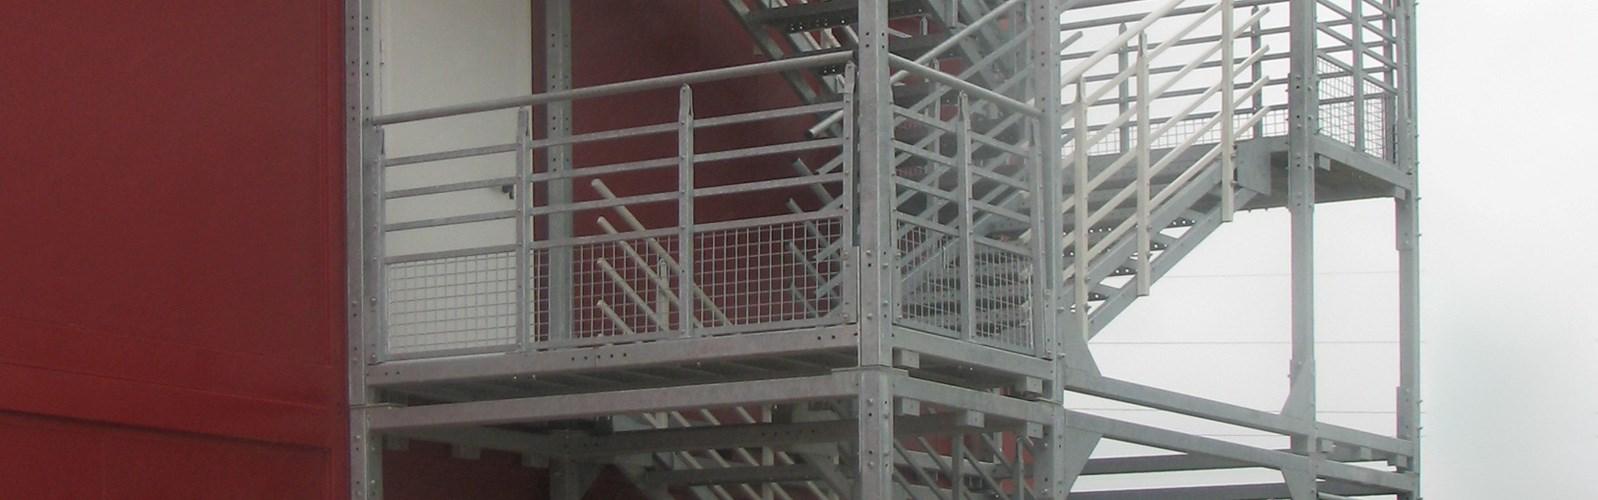 Cage d escalier exterieur escalier de secours with cage d for Cage escalier exterieur